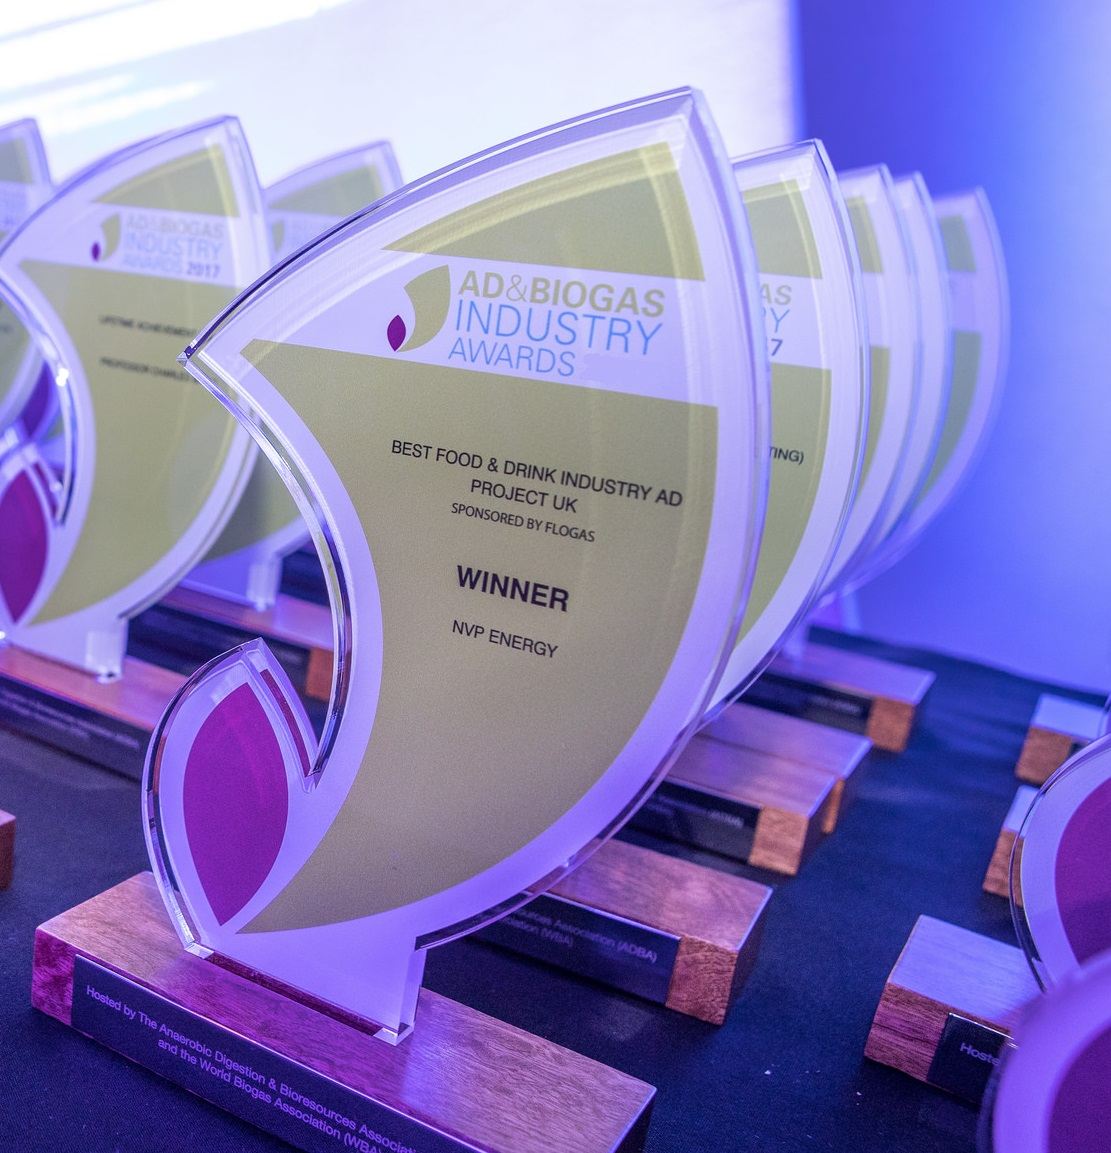 AD & Biogas Awards 2018